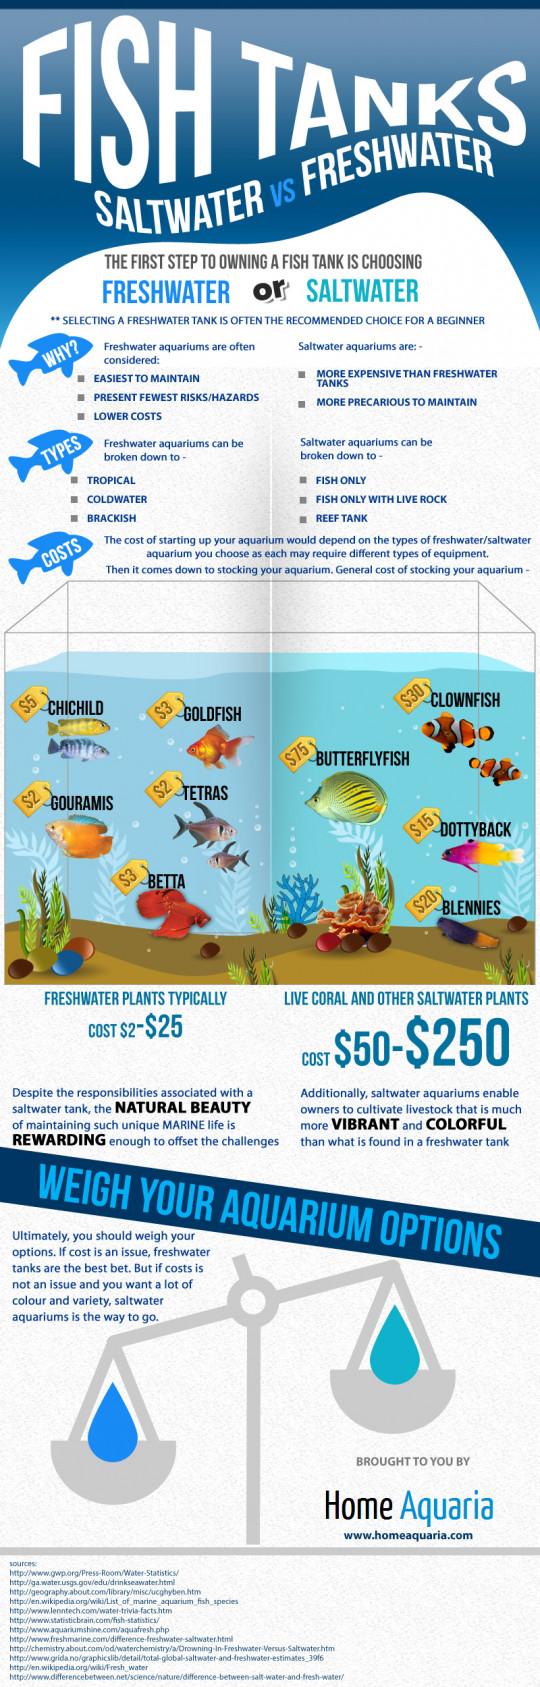 FISH TANKS Saltwater VS Freshwater